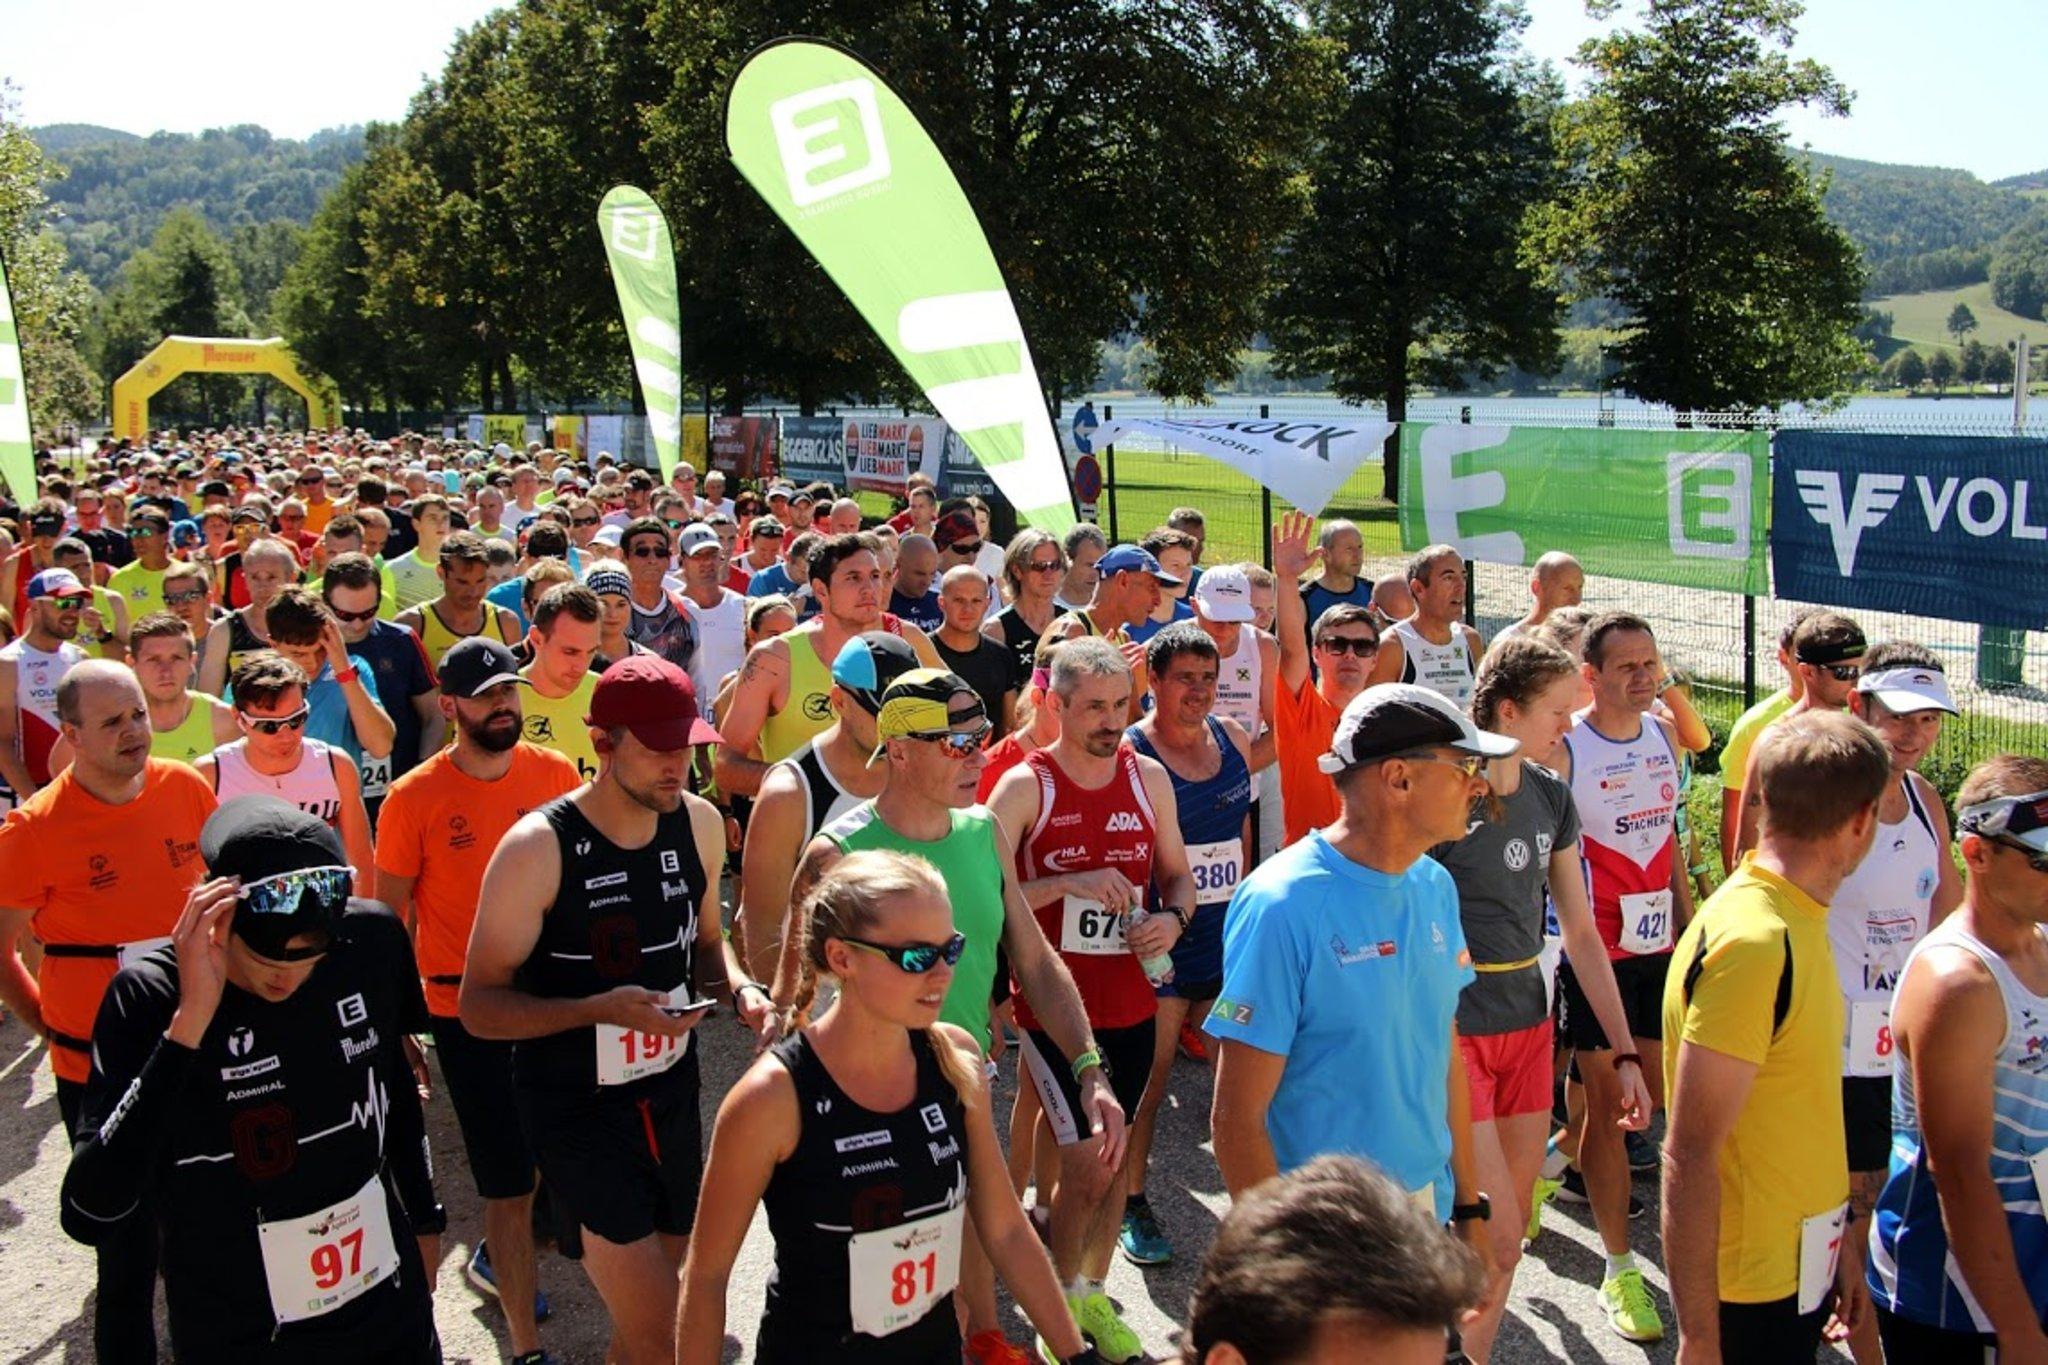 1.000 Starter beim 7. Steirischer ApfelLand Lauf in Stubenberg - Weiz - meinbezirk.at